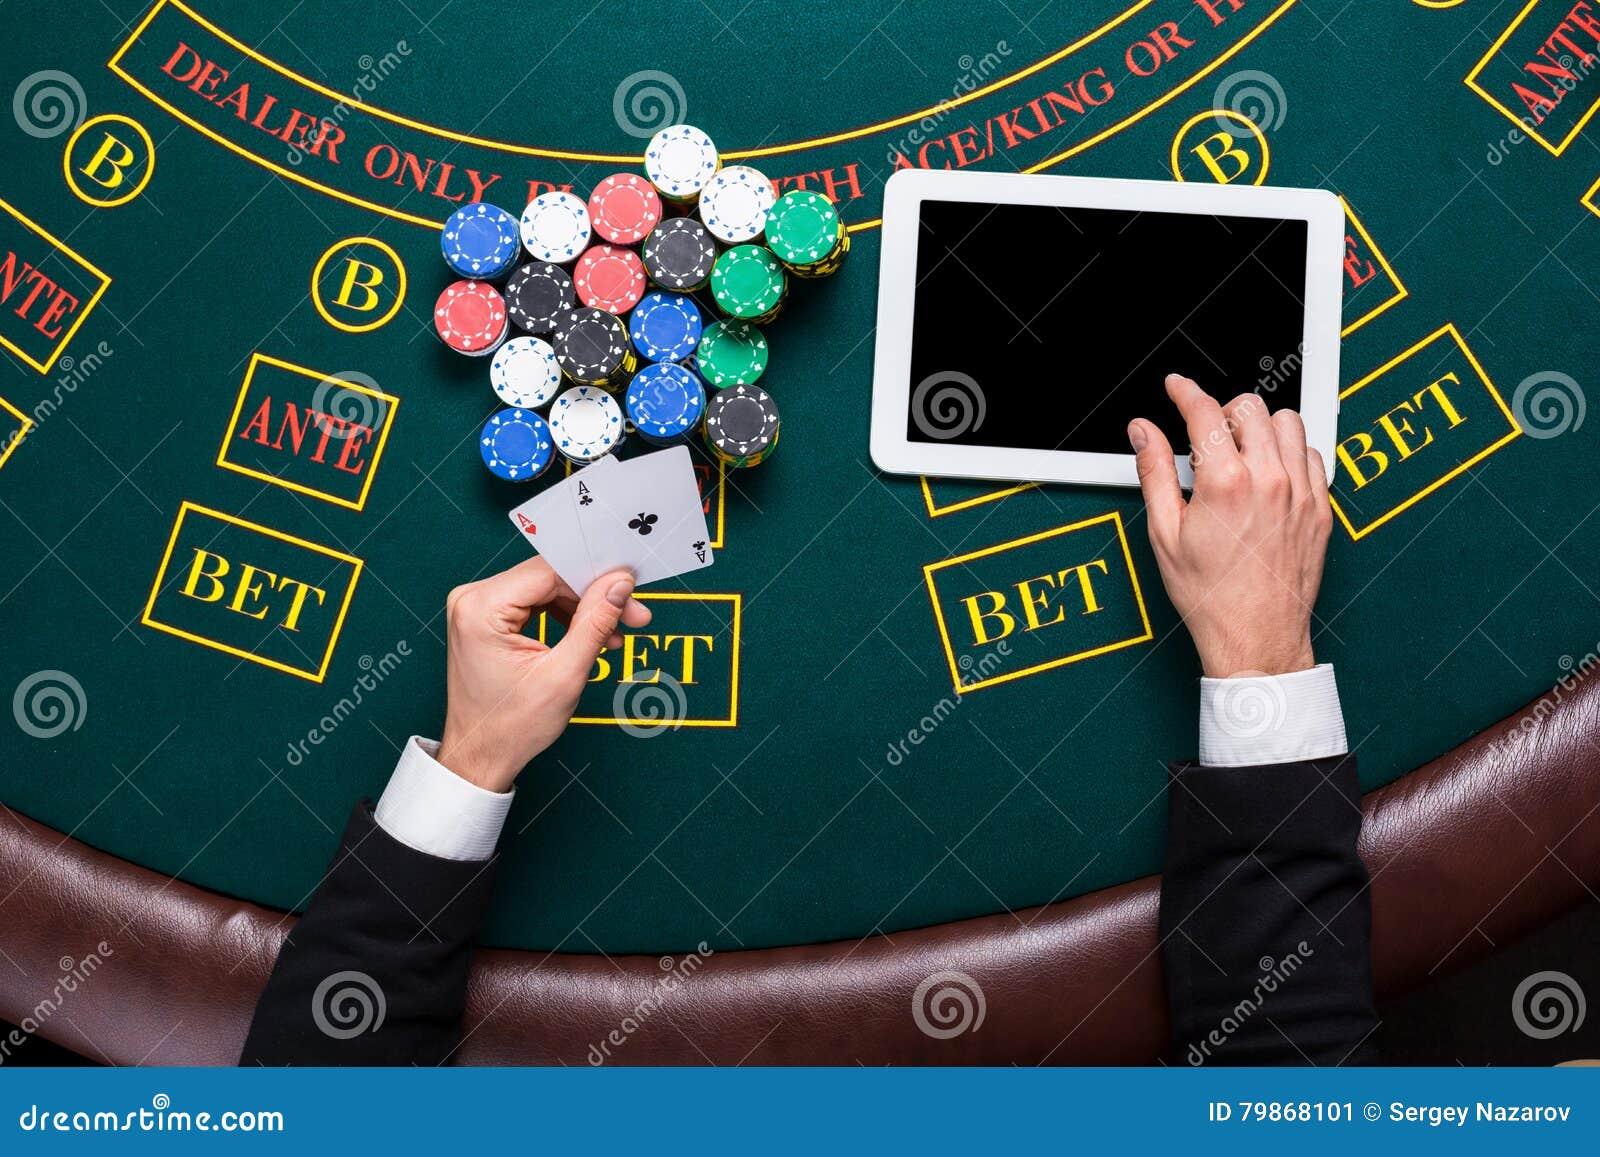 Casino technology bet online 40006